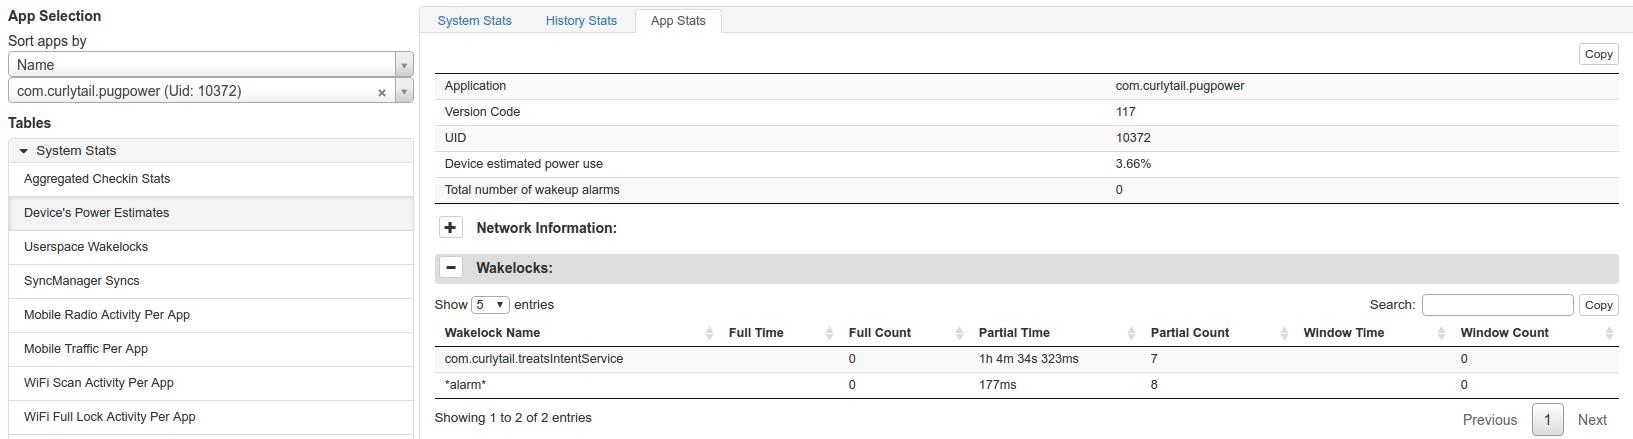 Tabular data for the fictional Pug Power app.